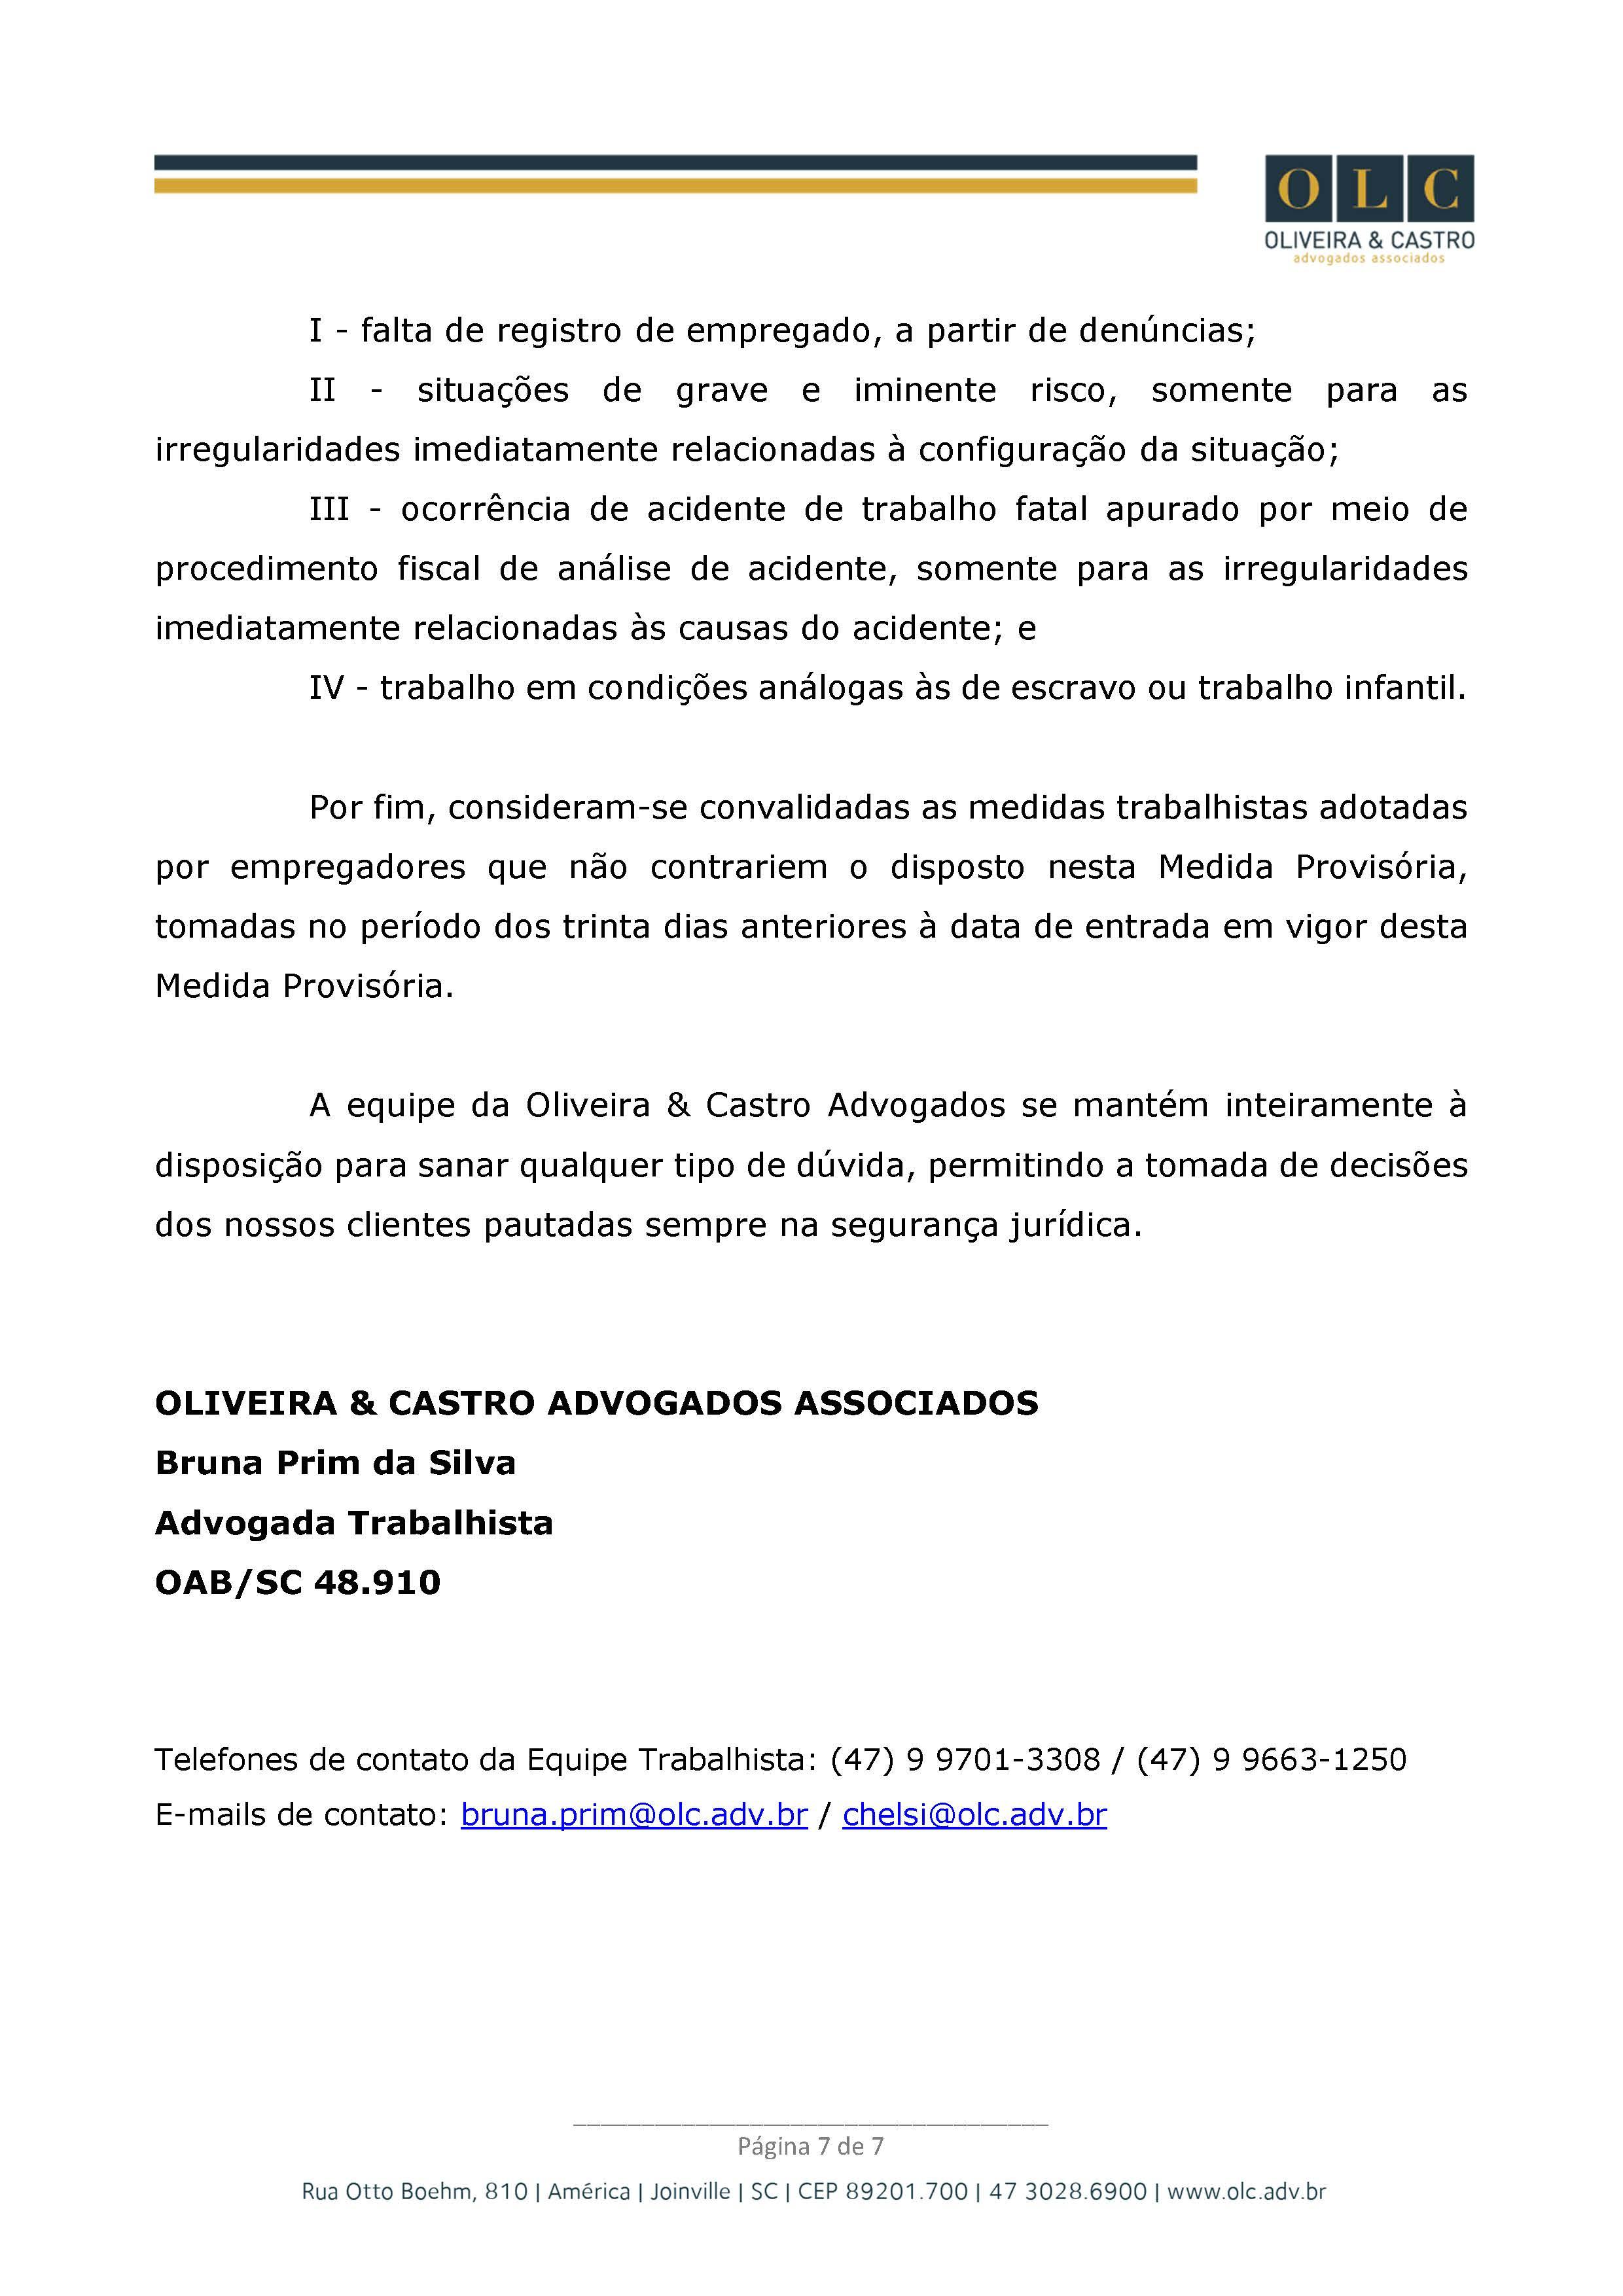 Carta Explicativa - Oliveira e Castro Advogados (1)_Página_7